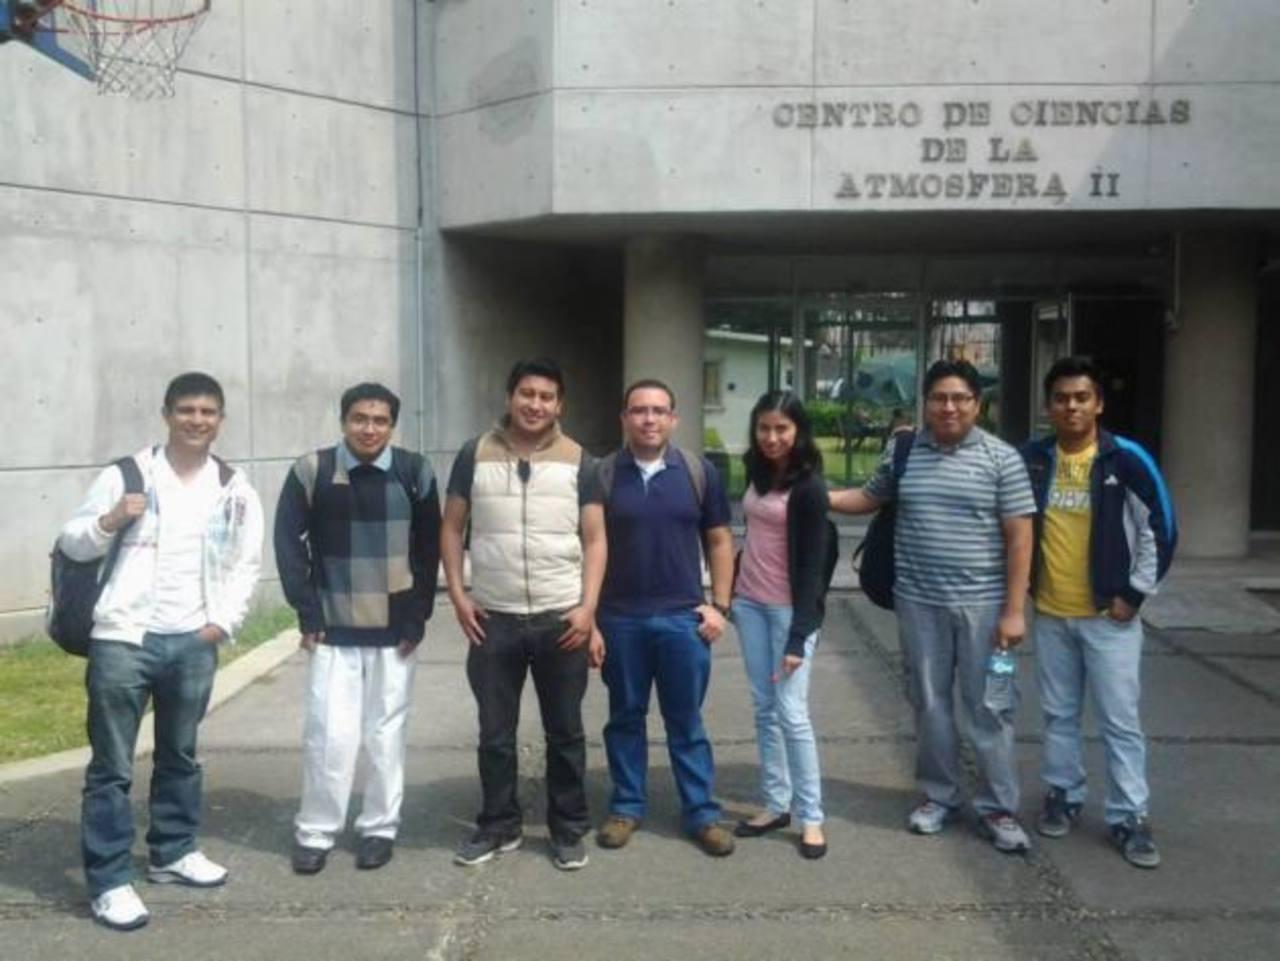 El geofísico salvadoreño, Jaime Hernández (al centro), junto a compañeros. Foto EDH / cortesía